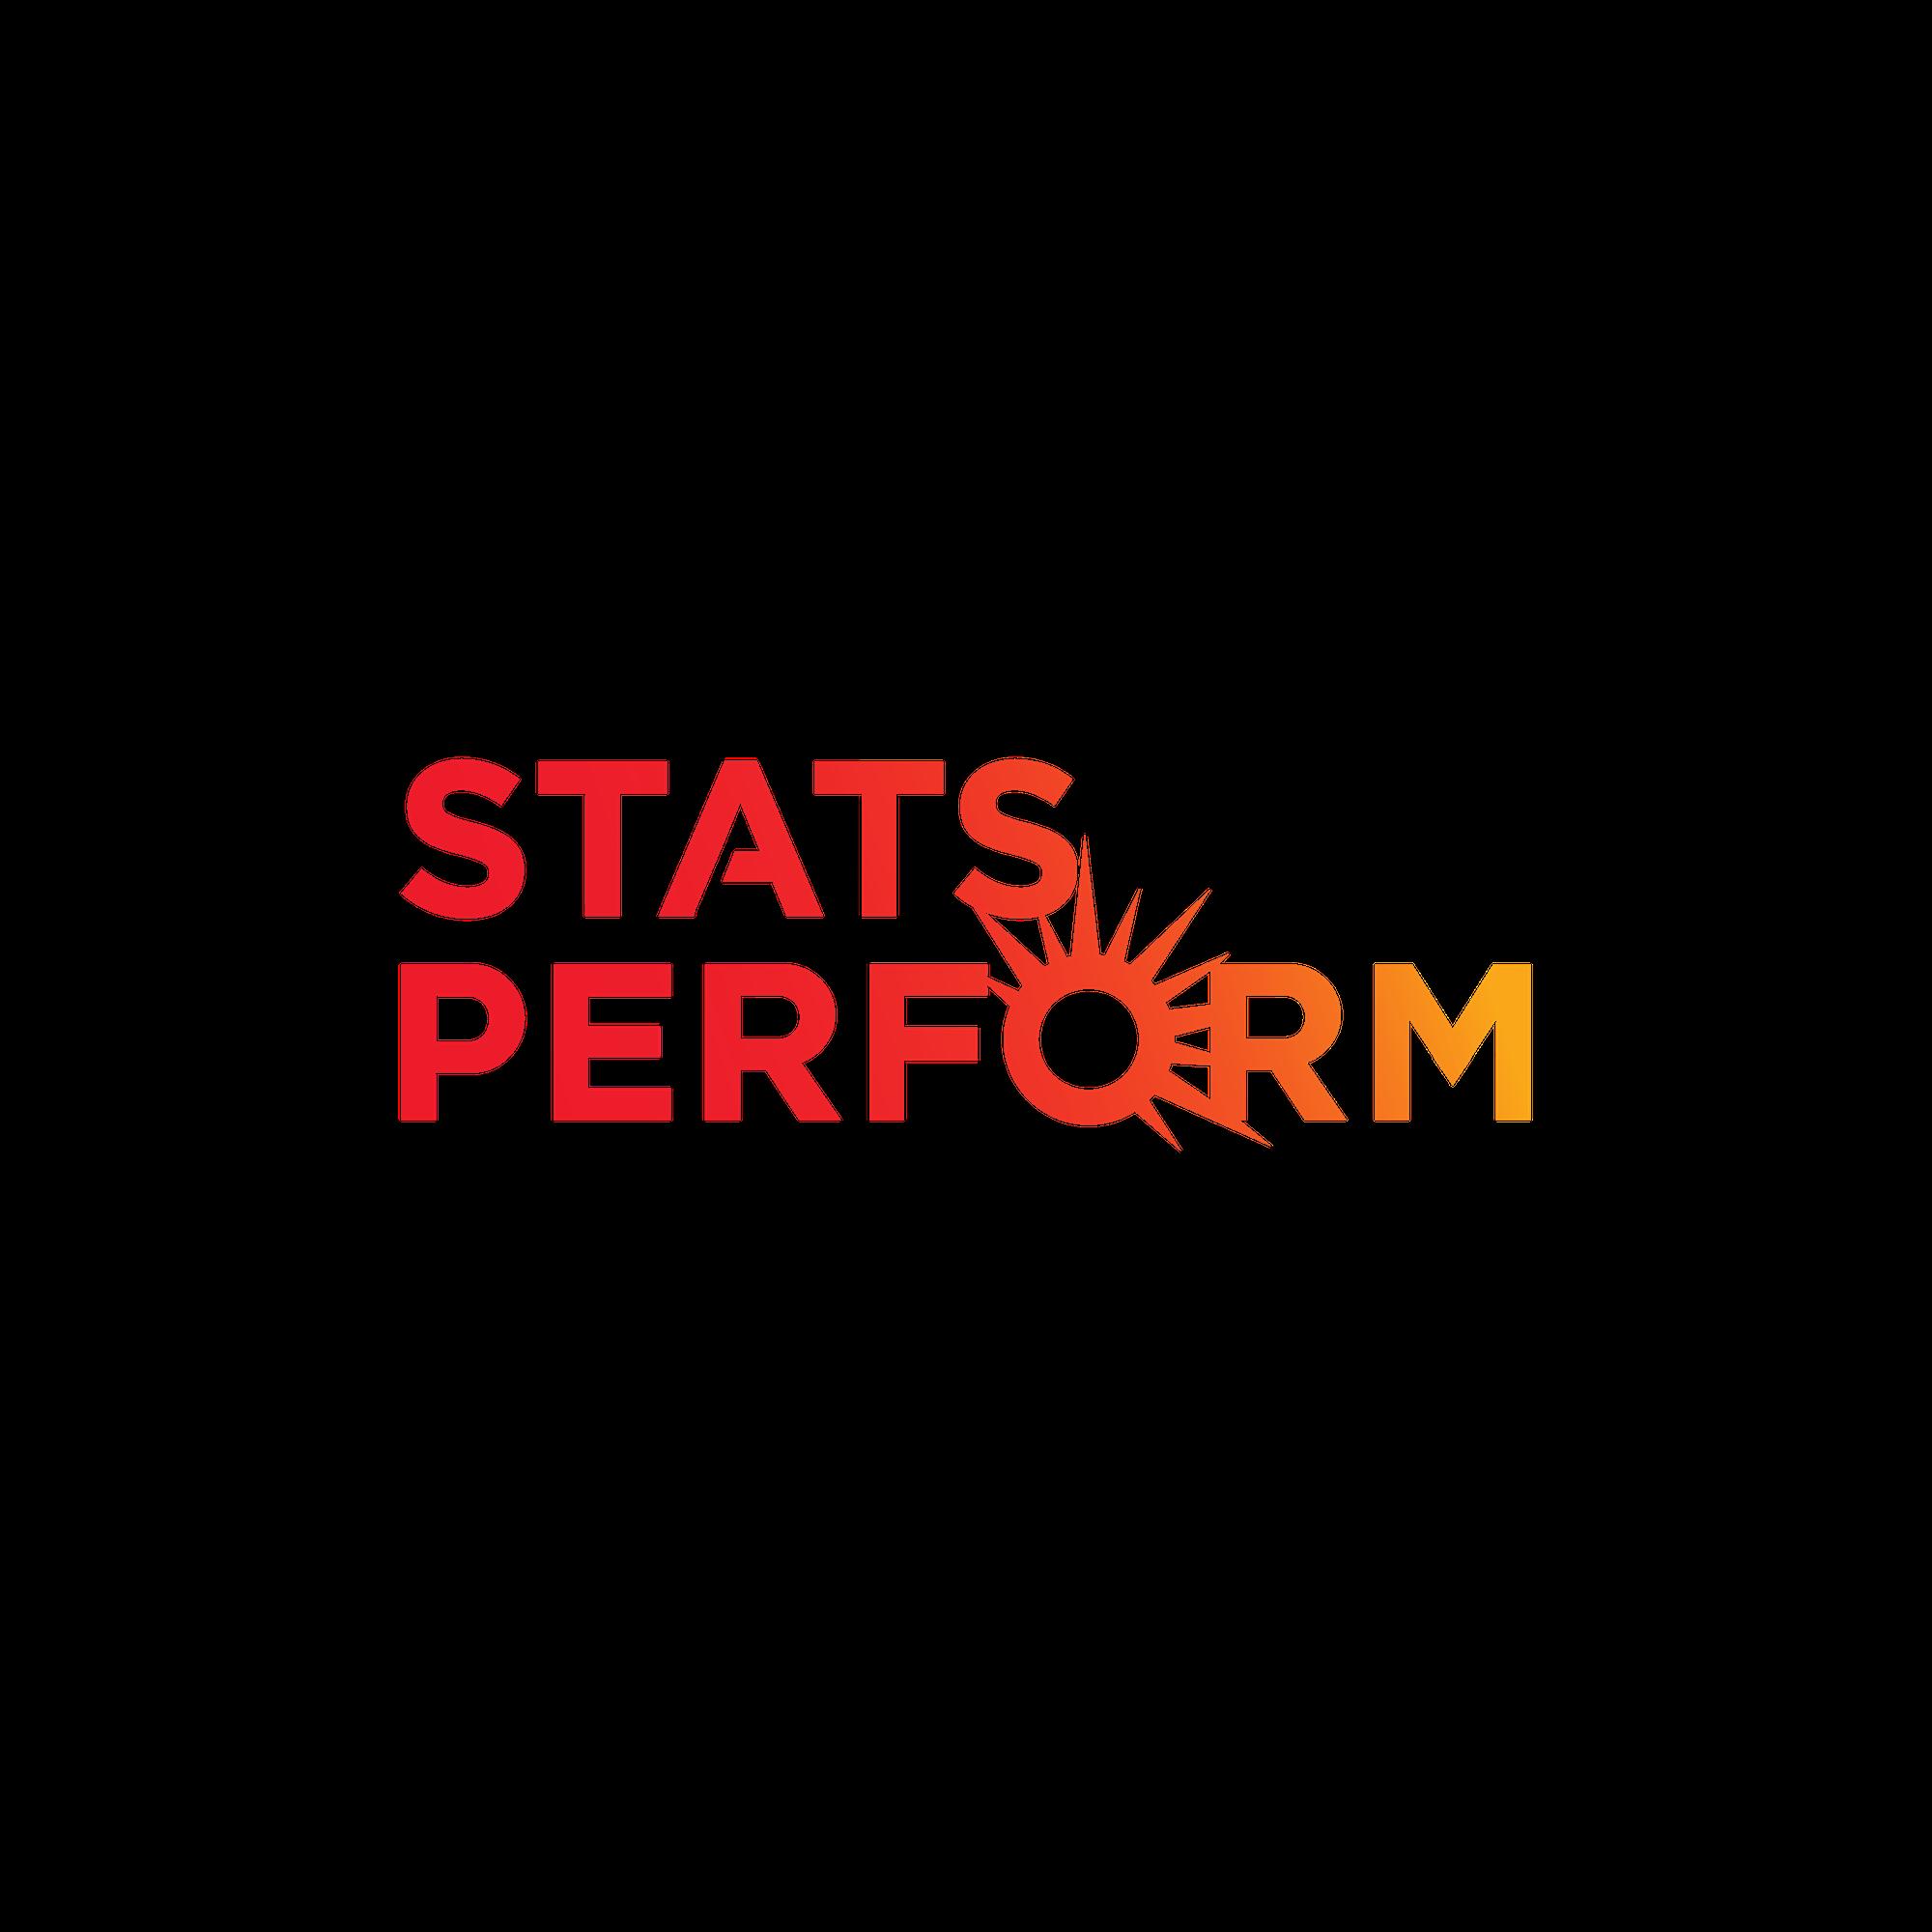 Stats-Perform-15-copy-1